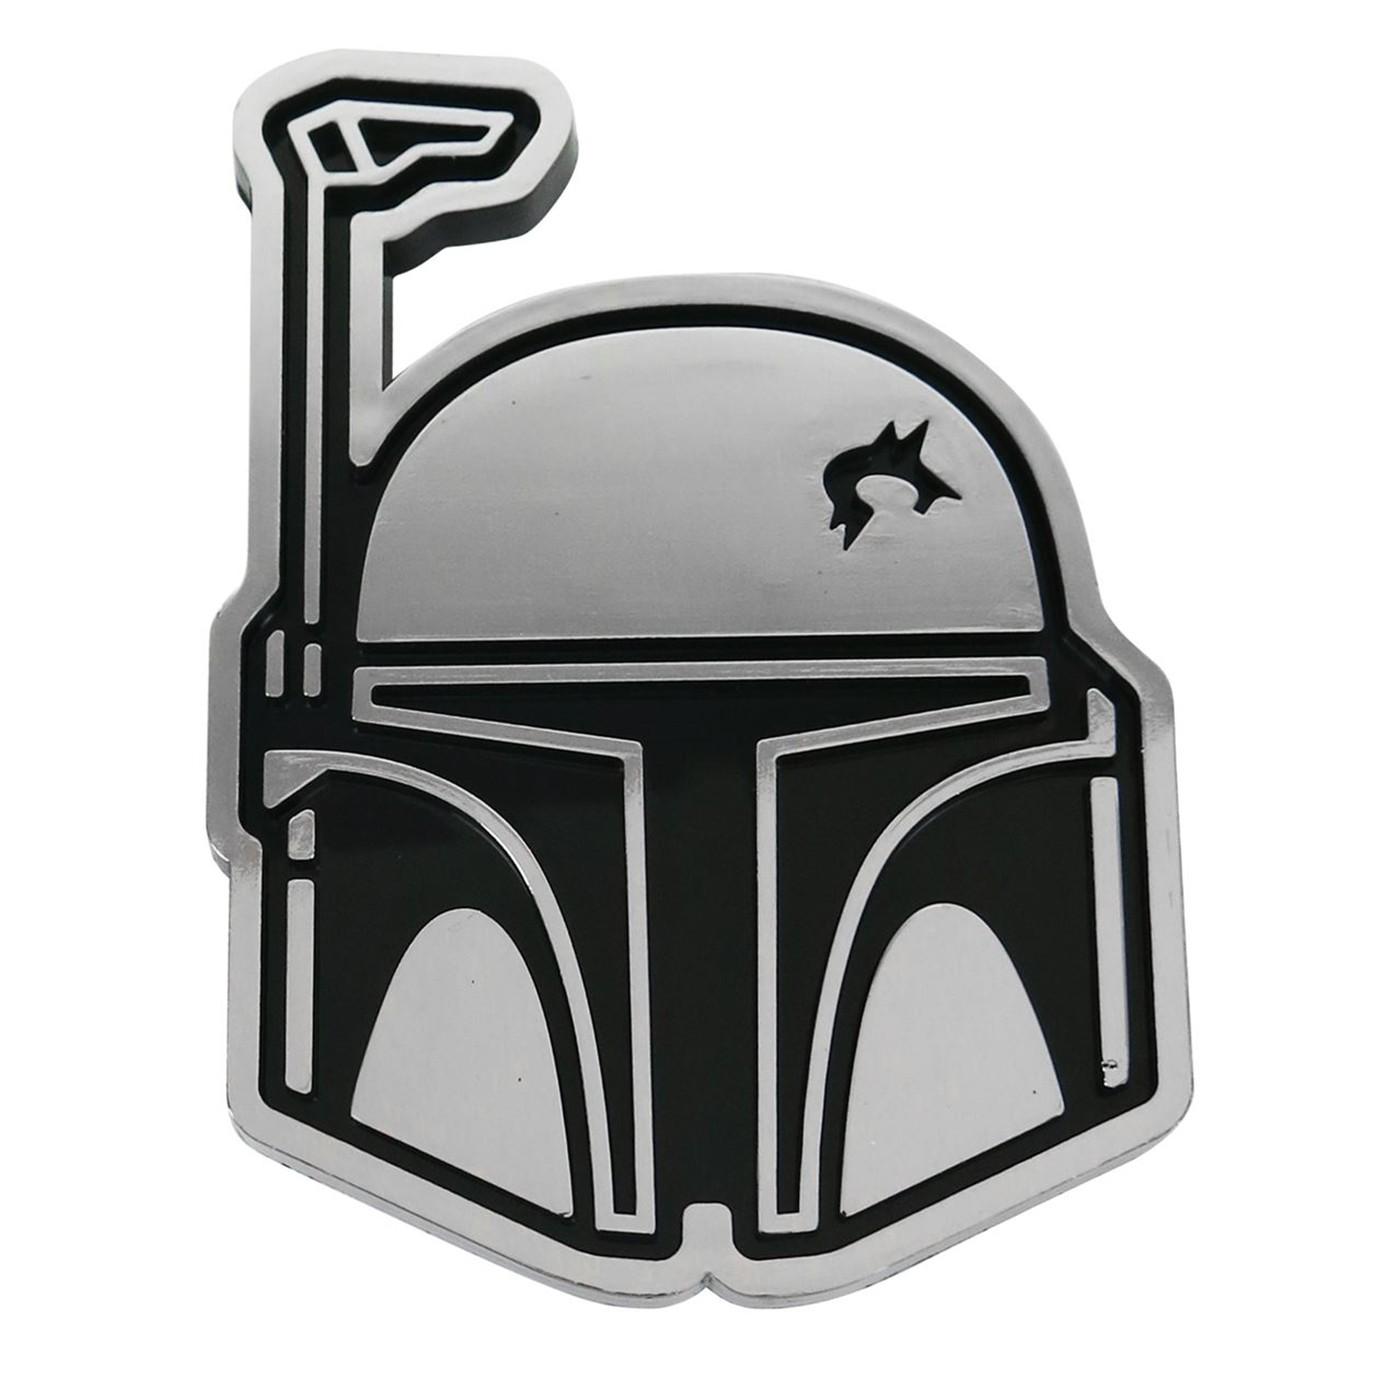 Star Wars Boba Fett Head Chrome Car Emblem